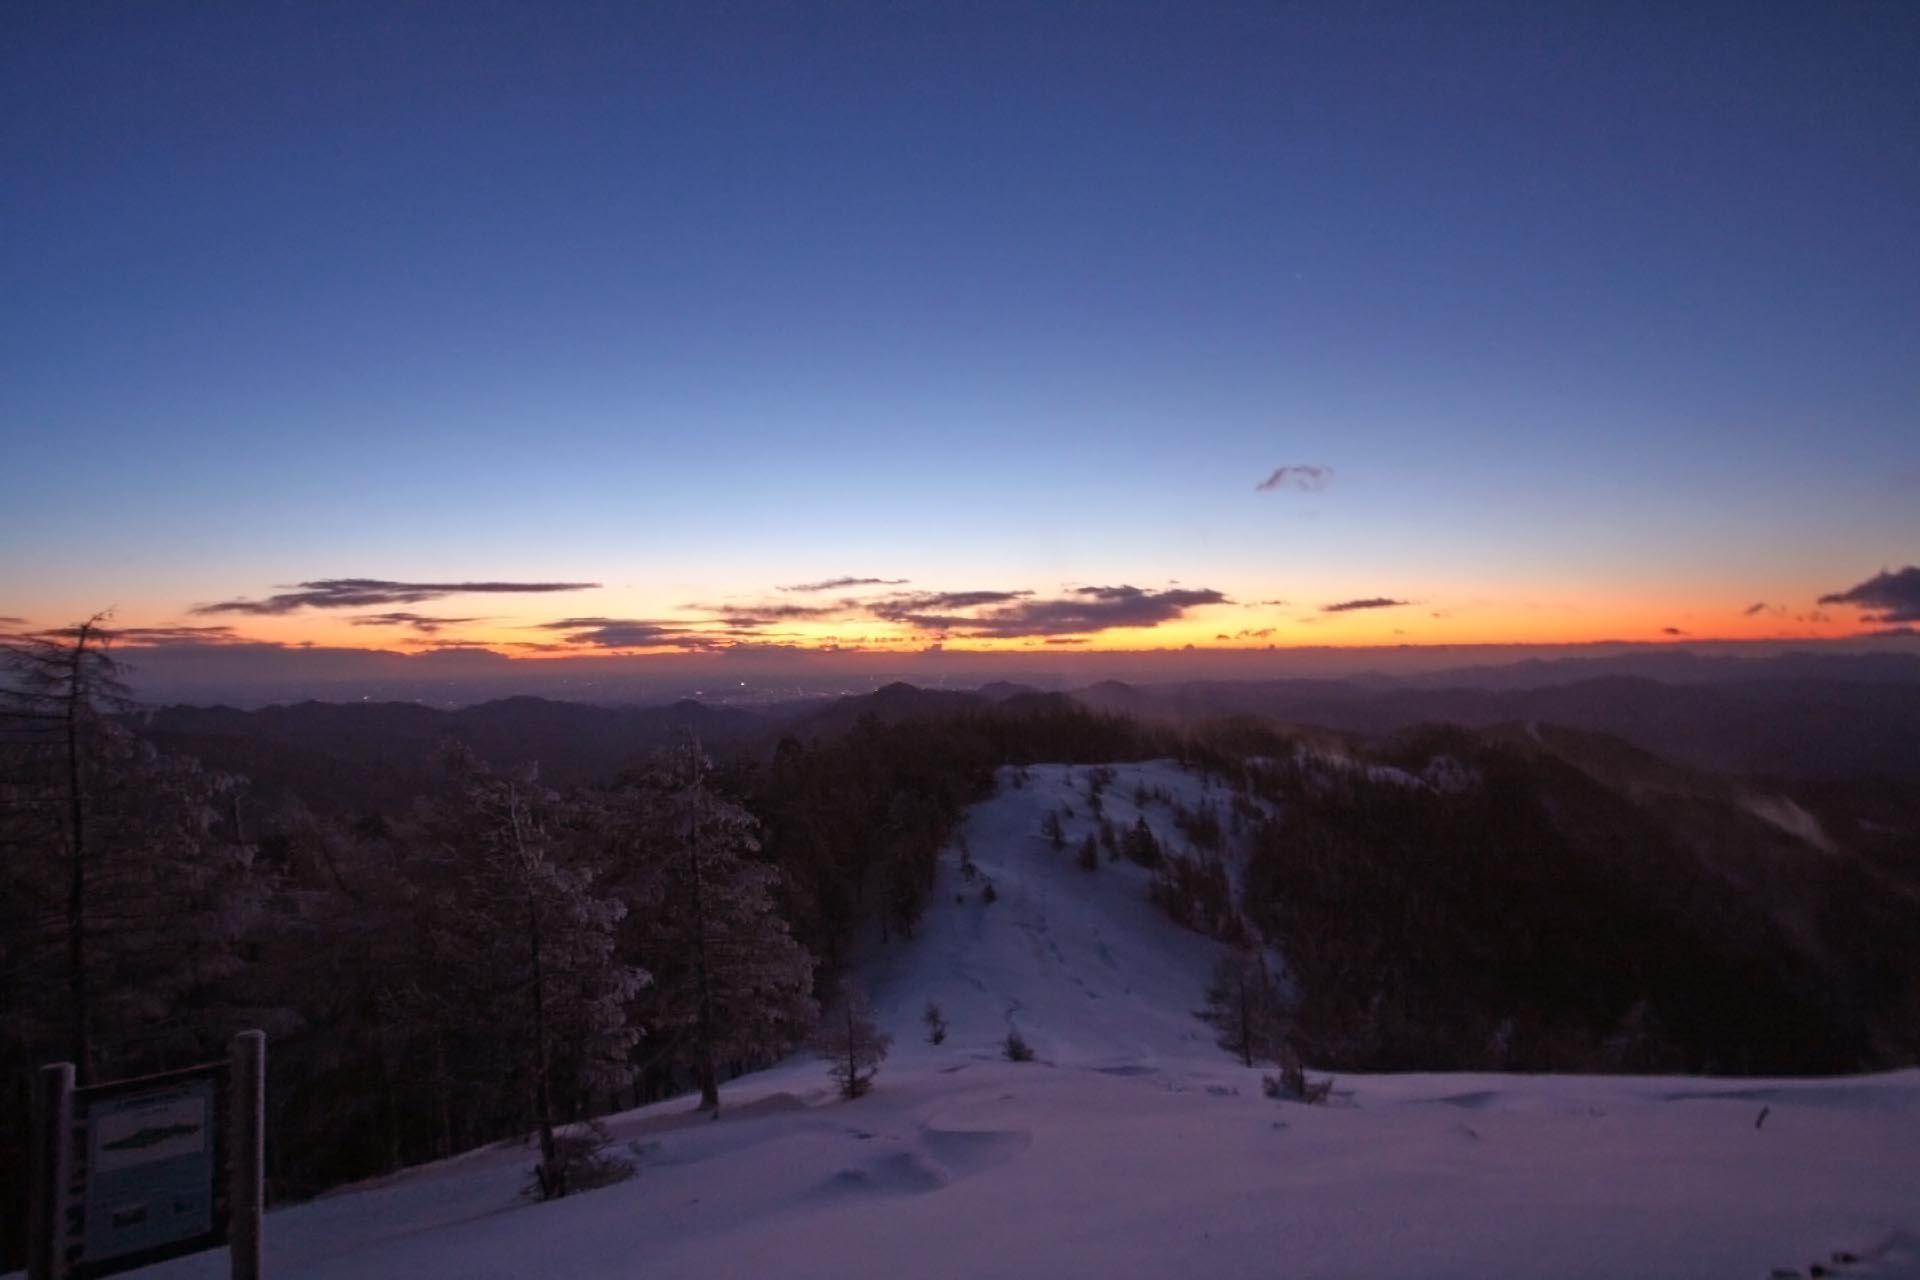 冬の早朝 雲取山の山頂から見る風景